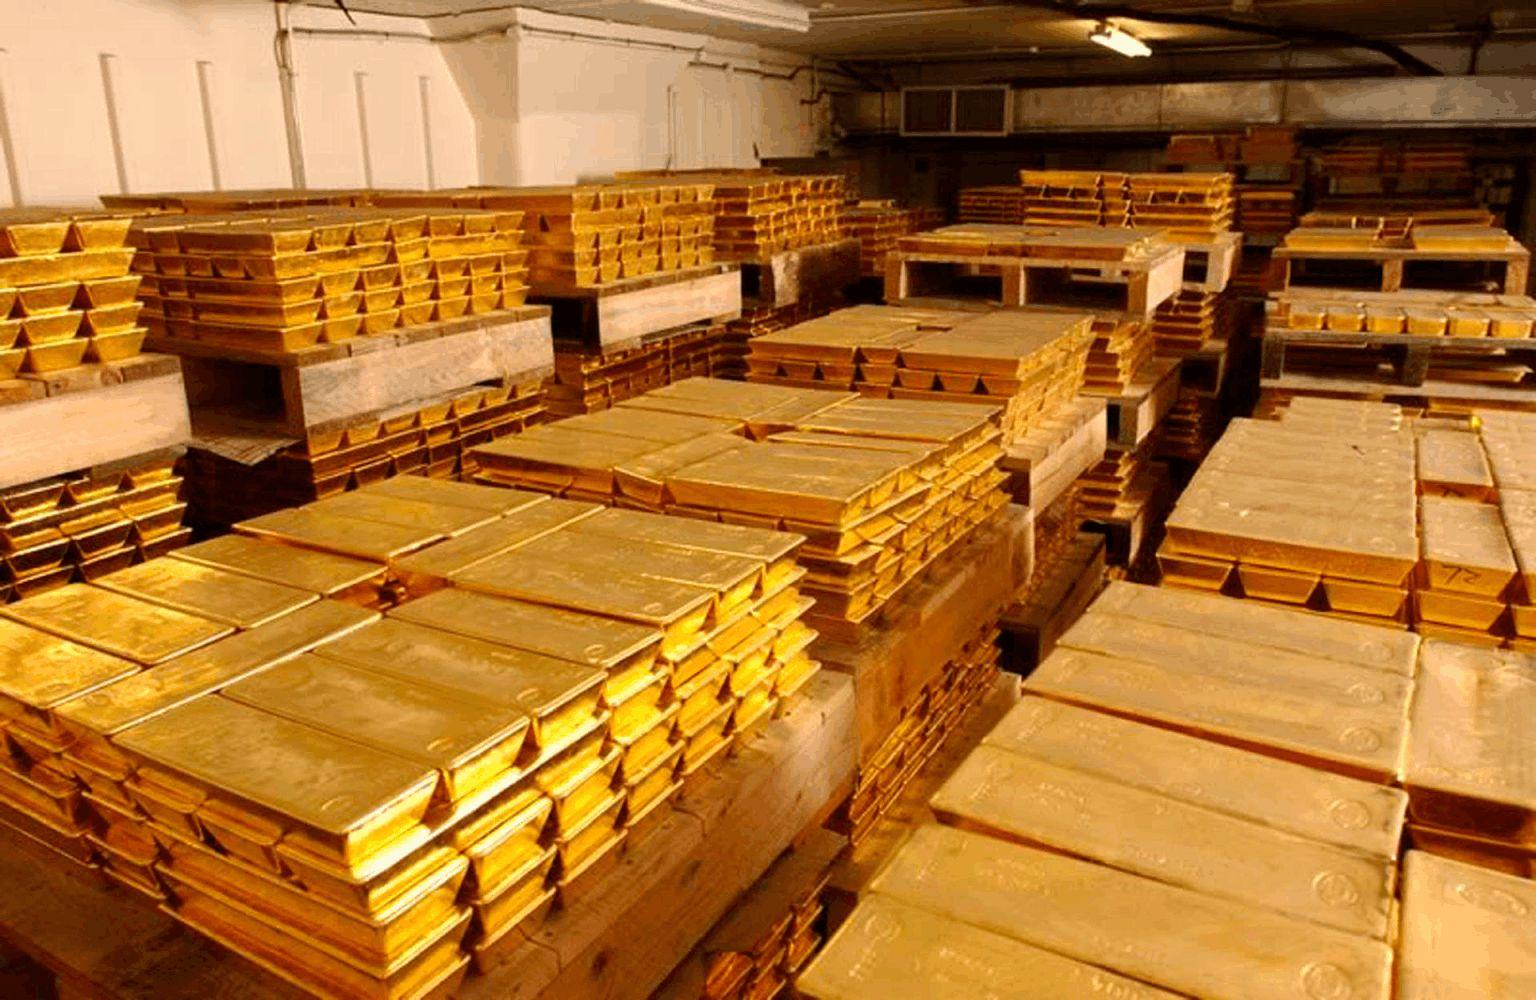 其实对于中国黄金贮备量,其背后的实在数。据不息都是未知的,据公开新闻表现,中国是世界上最大的黄金生产国,2018年产量达400吨,中国生产的黄金并未出口,因此,能够倘若通盘产量都被国内吸取,尽管这不在官方贮备数。据中,再添上中国积累的大量历史贮备,其持有的黄金总量能够超过30000吨,相比之下,美国官方黄金持有量为8100吨。